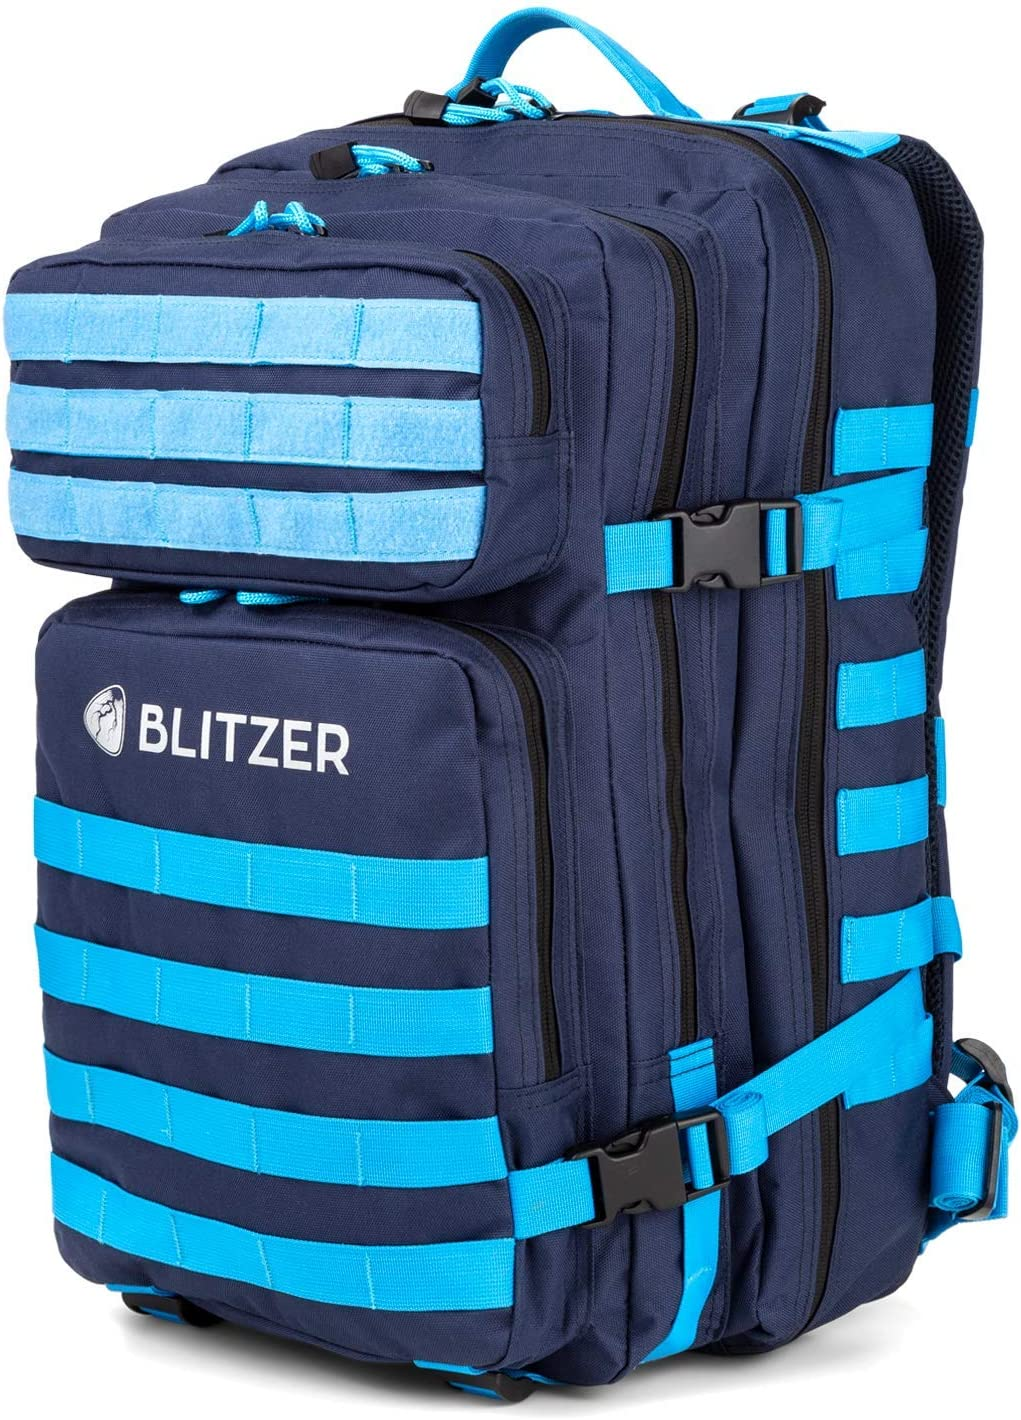 Blitzer – Mochila militar con capacidad de 30 o 50 L – Mochila impermeable – Mochila de uso para senderismo, caza y otras actividades al aire libre